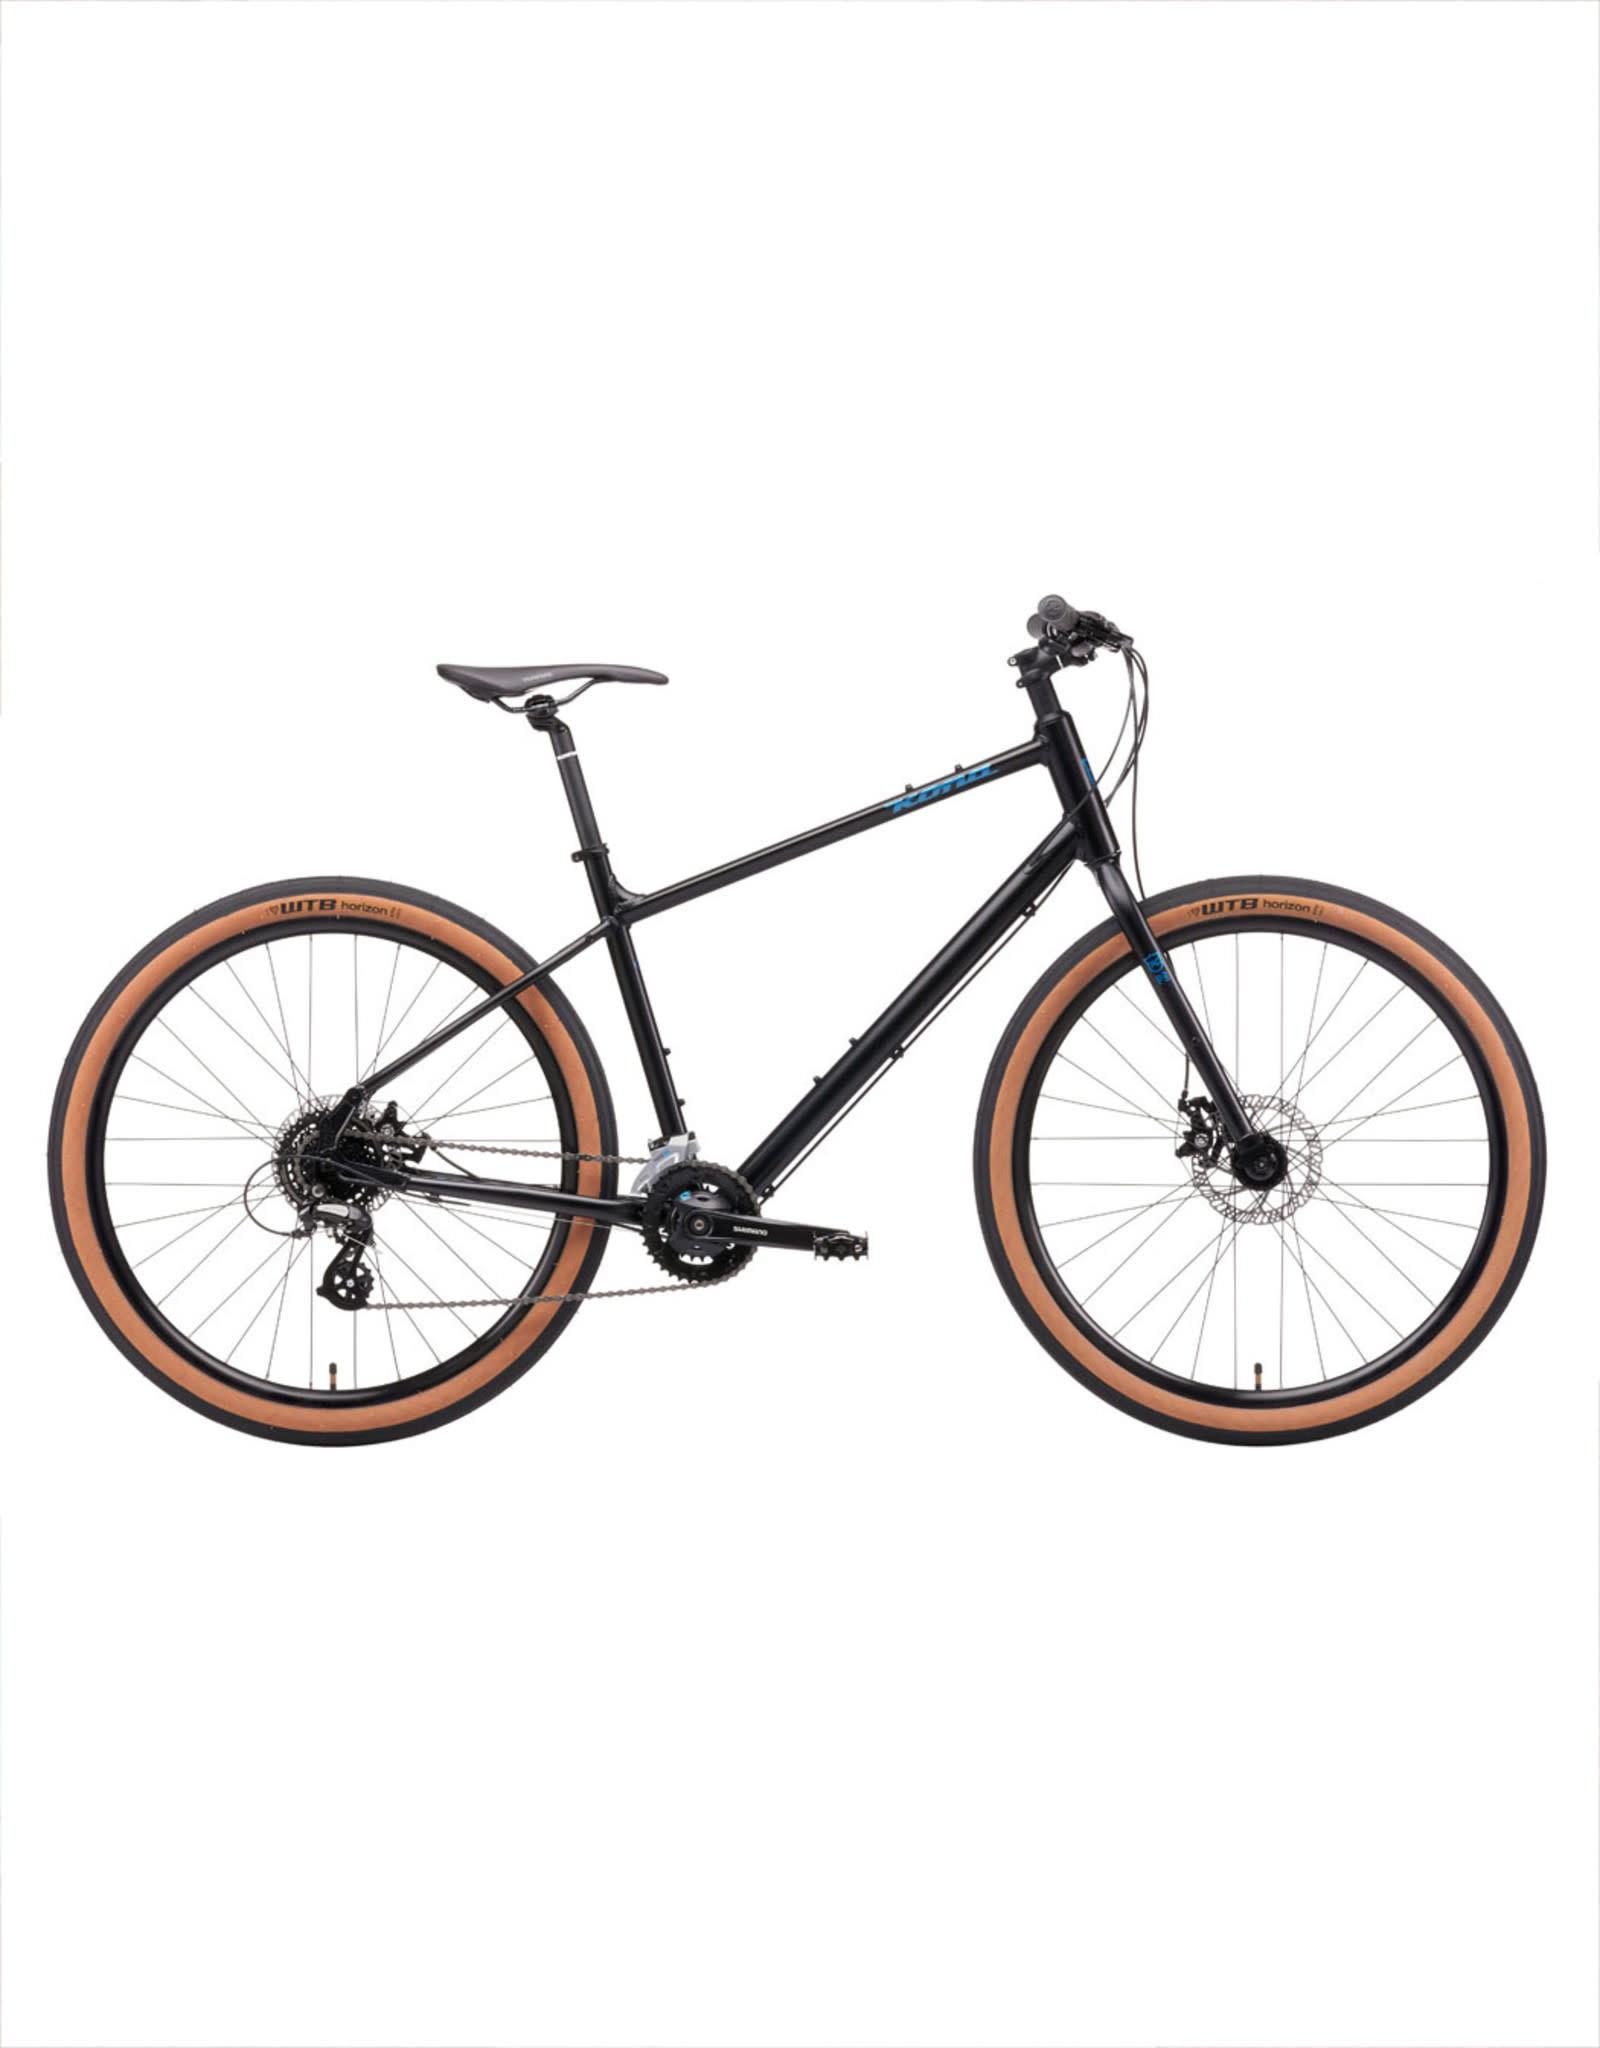 KONA Kona Dew Complete Bike